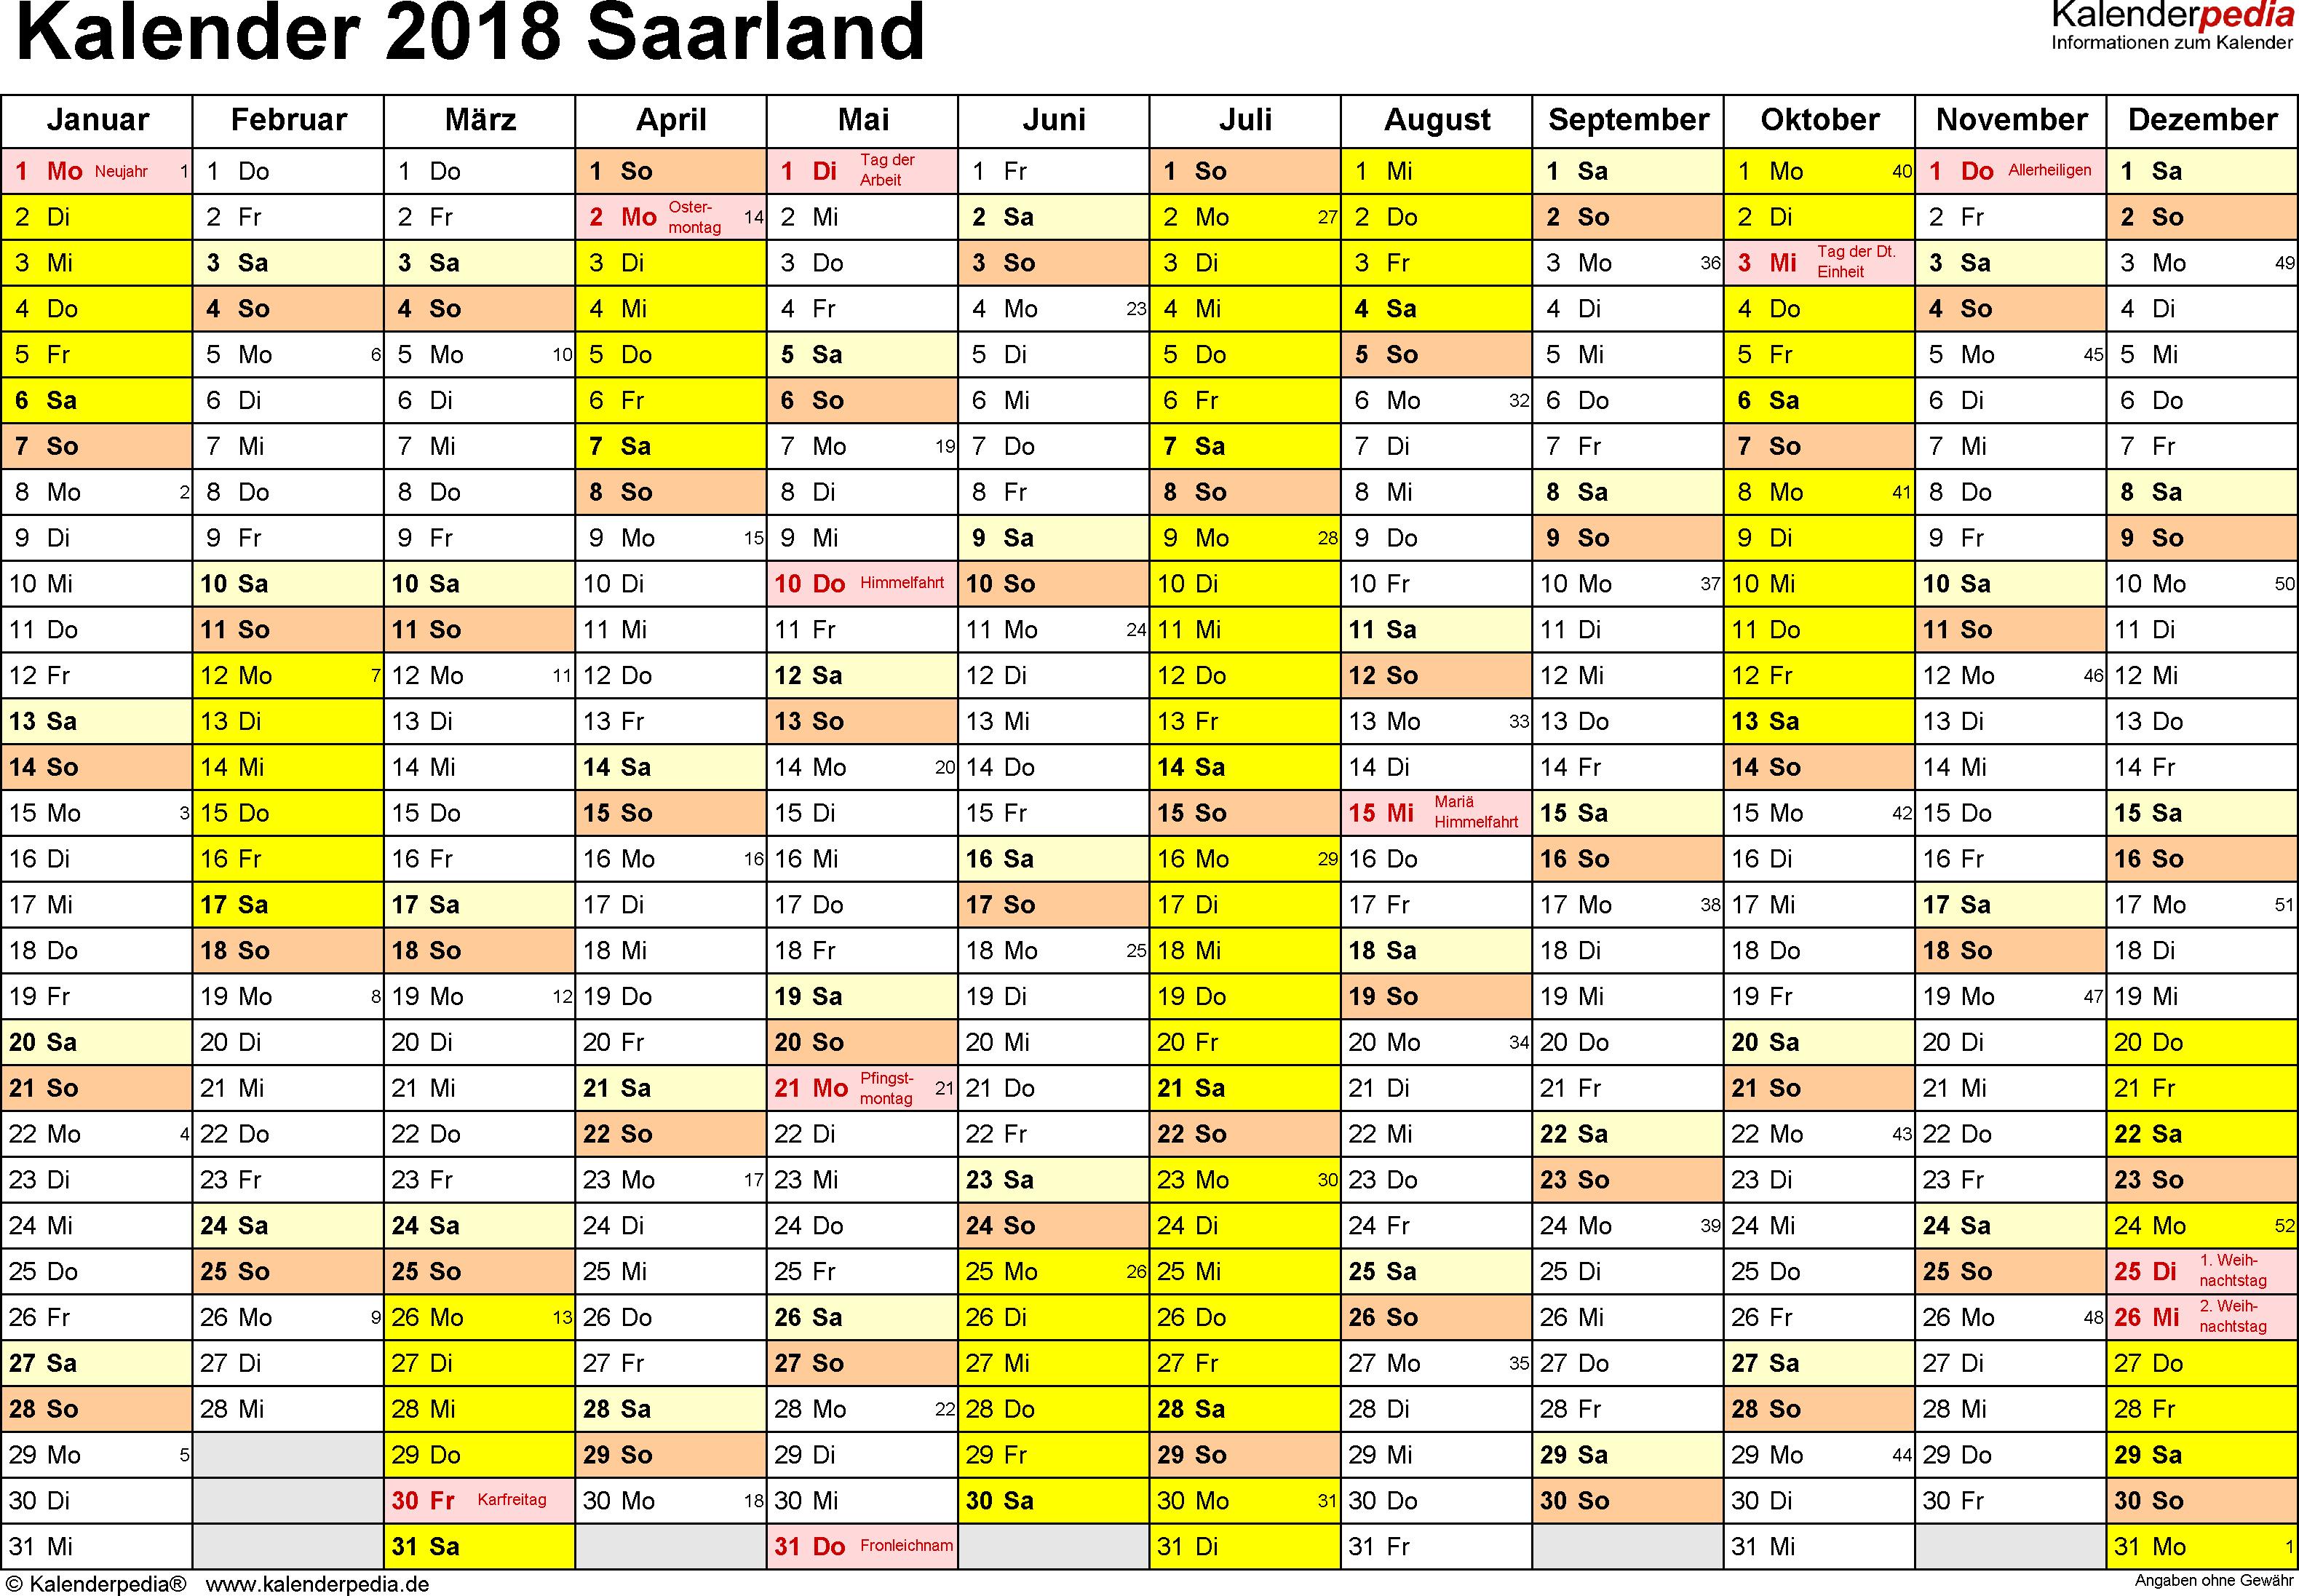 Vorlage 1: Kalender 2018 für Saarland als Word-Vorlagen (Querformat, 1 Seite)